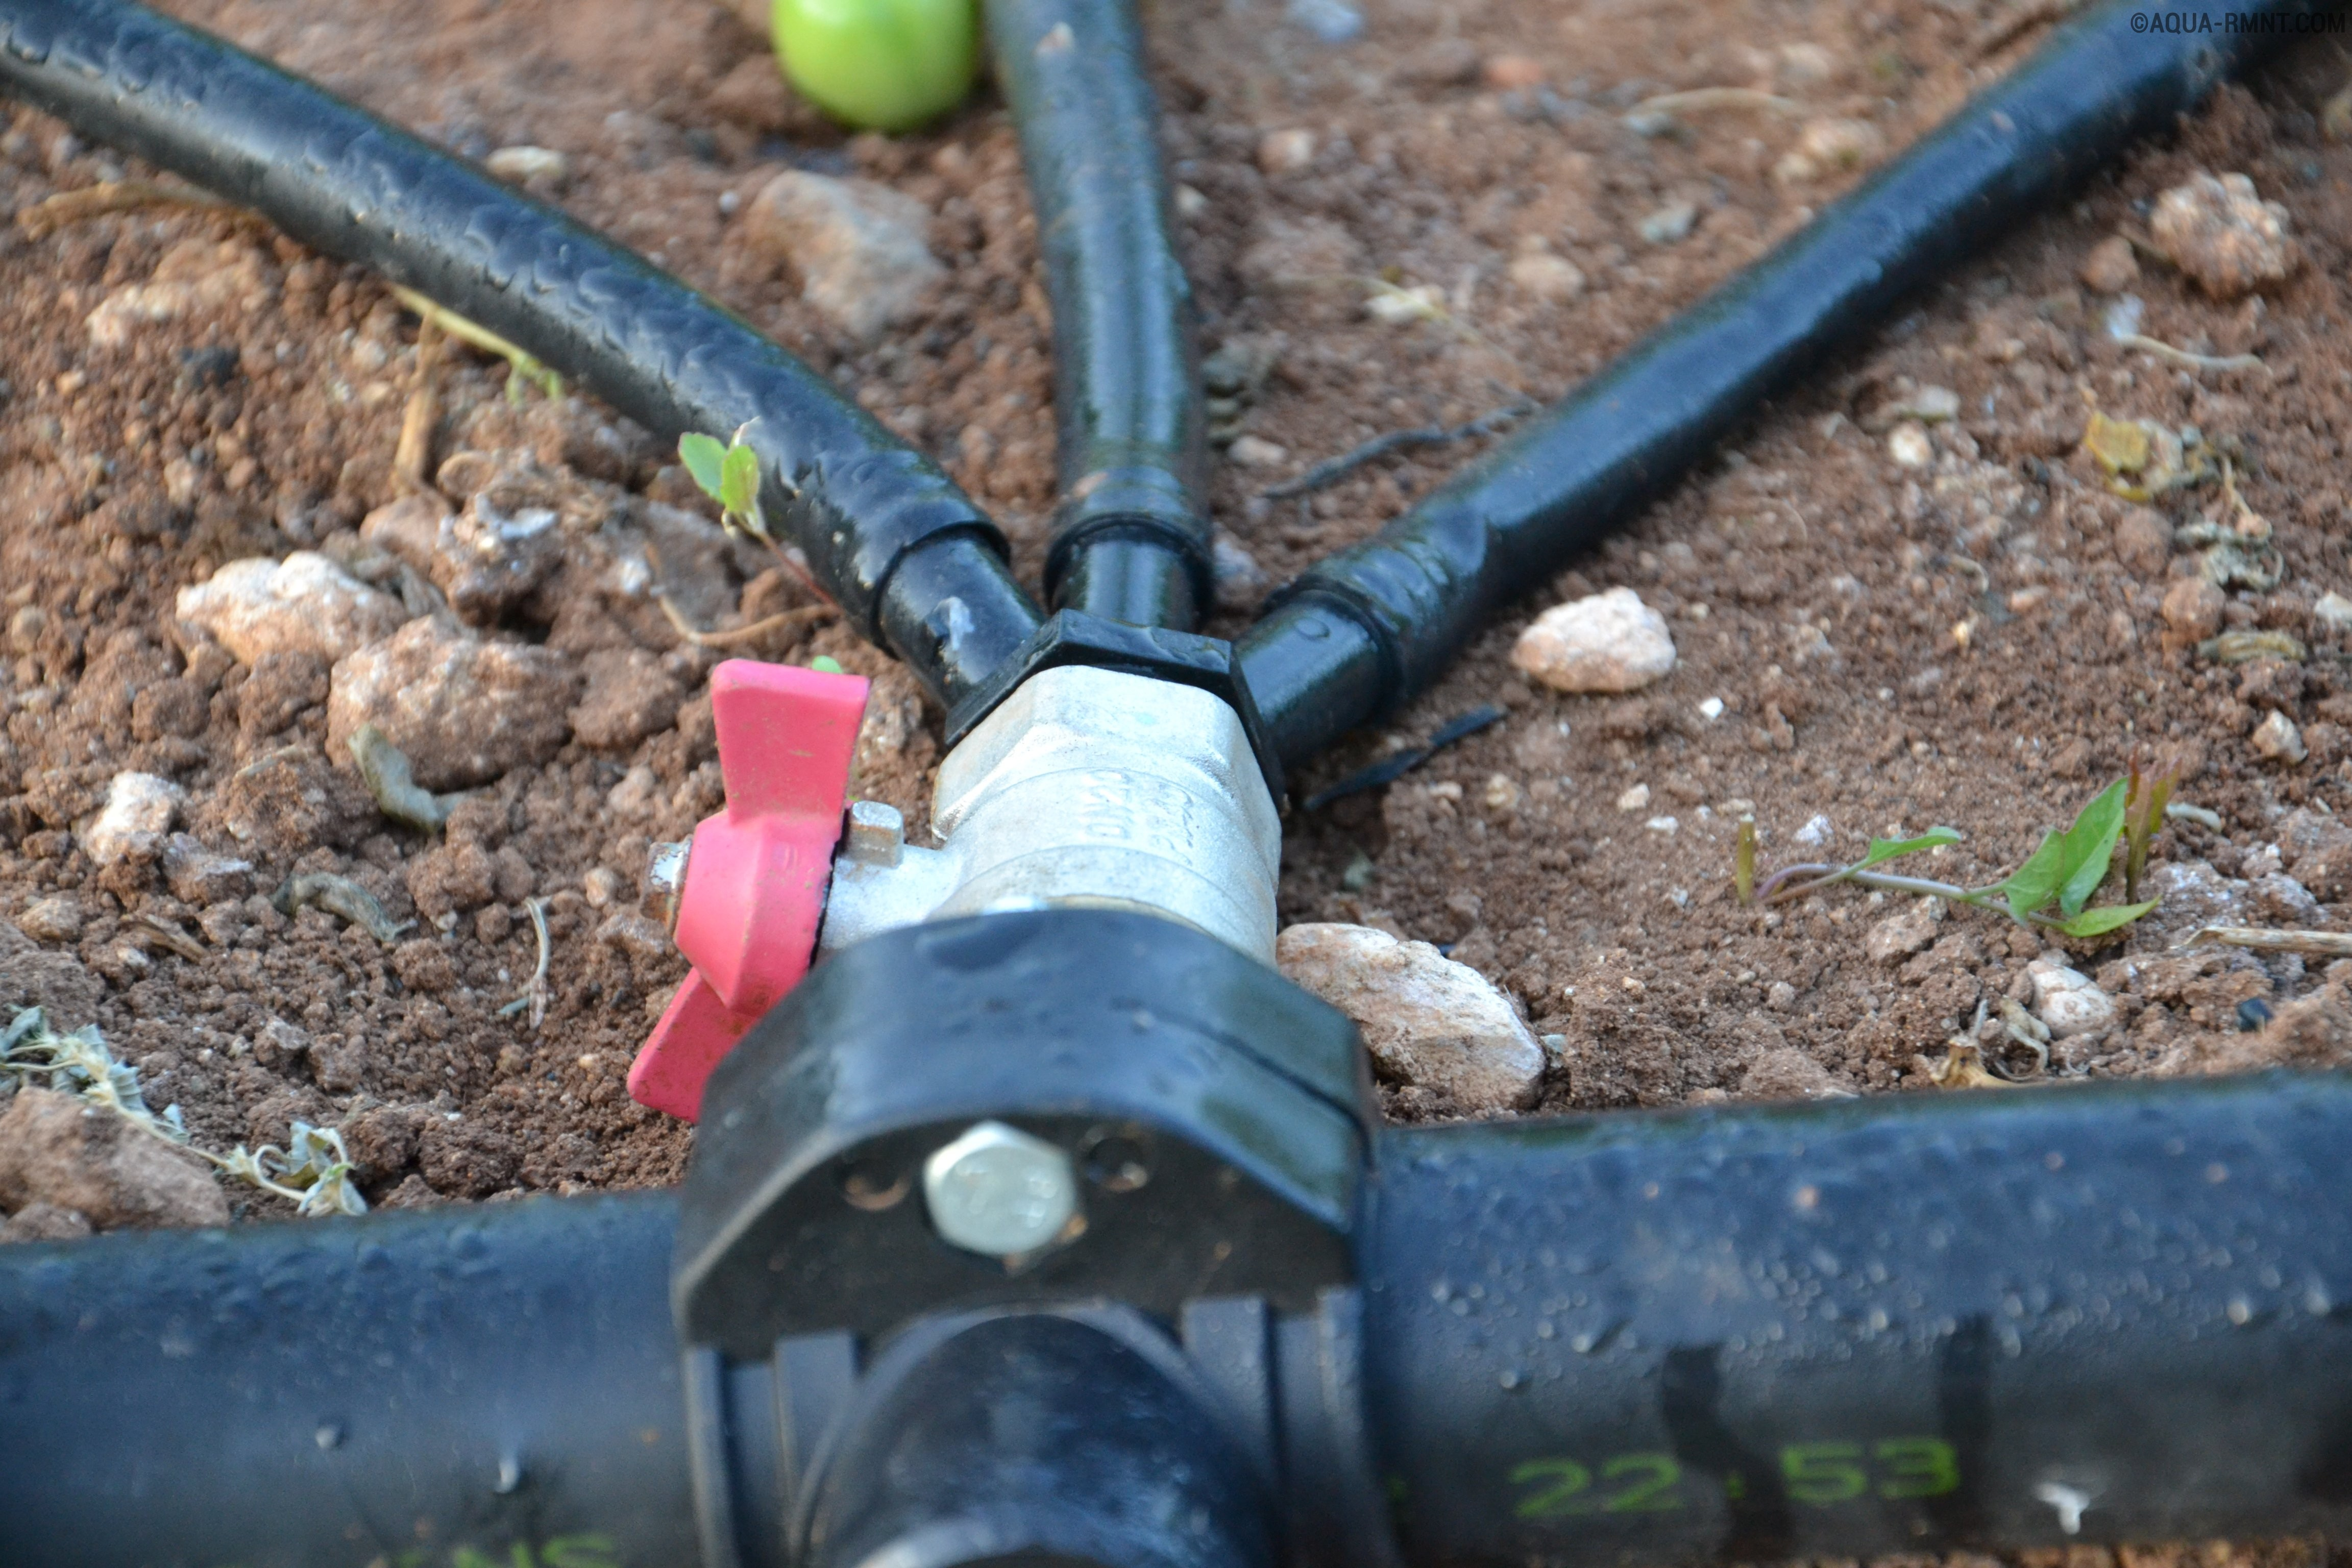 Как сделать систему капельного полива деревьев?